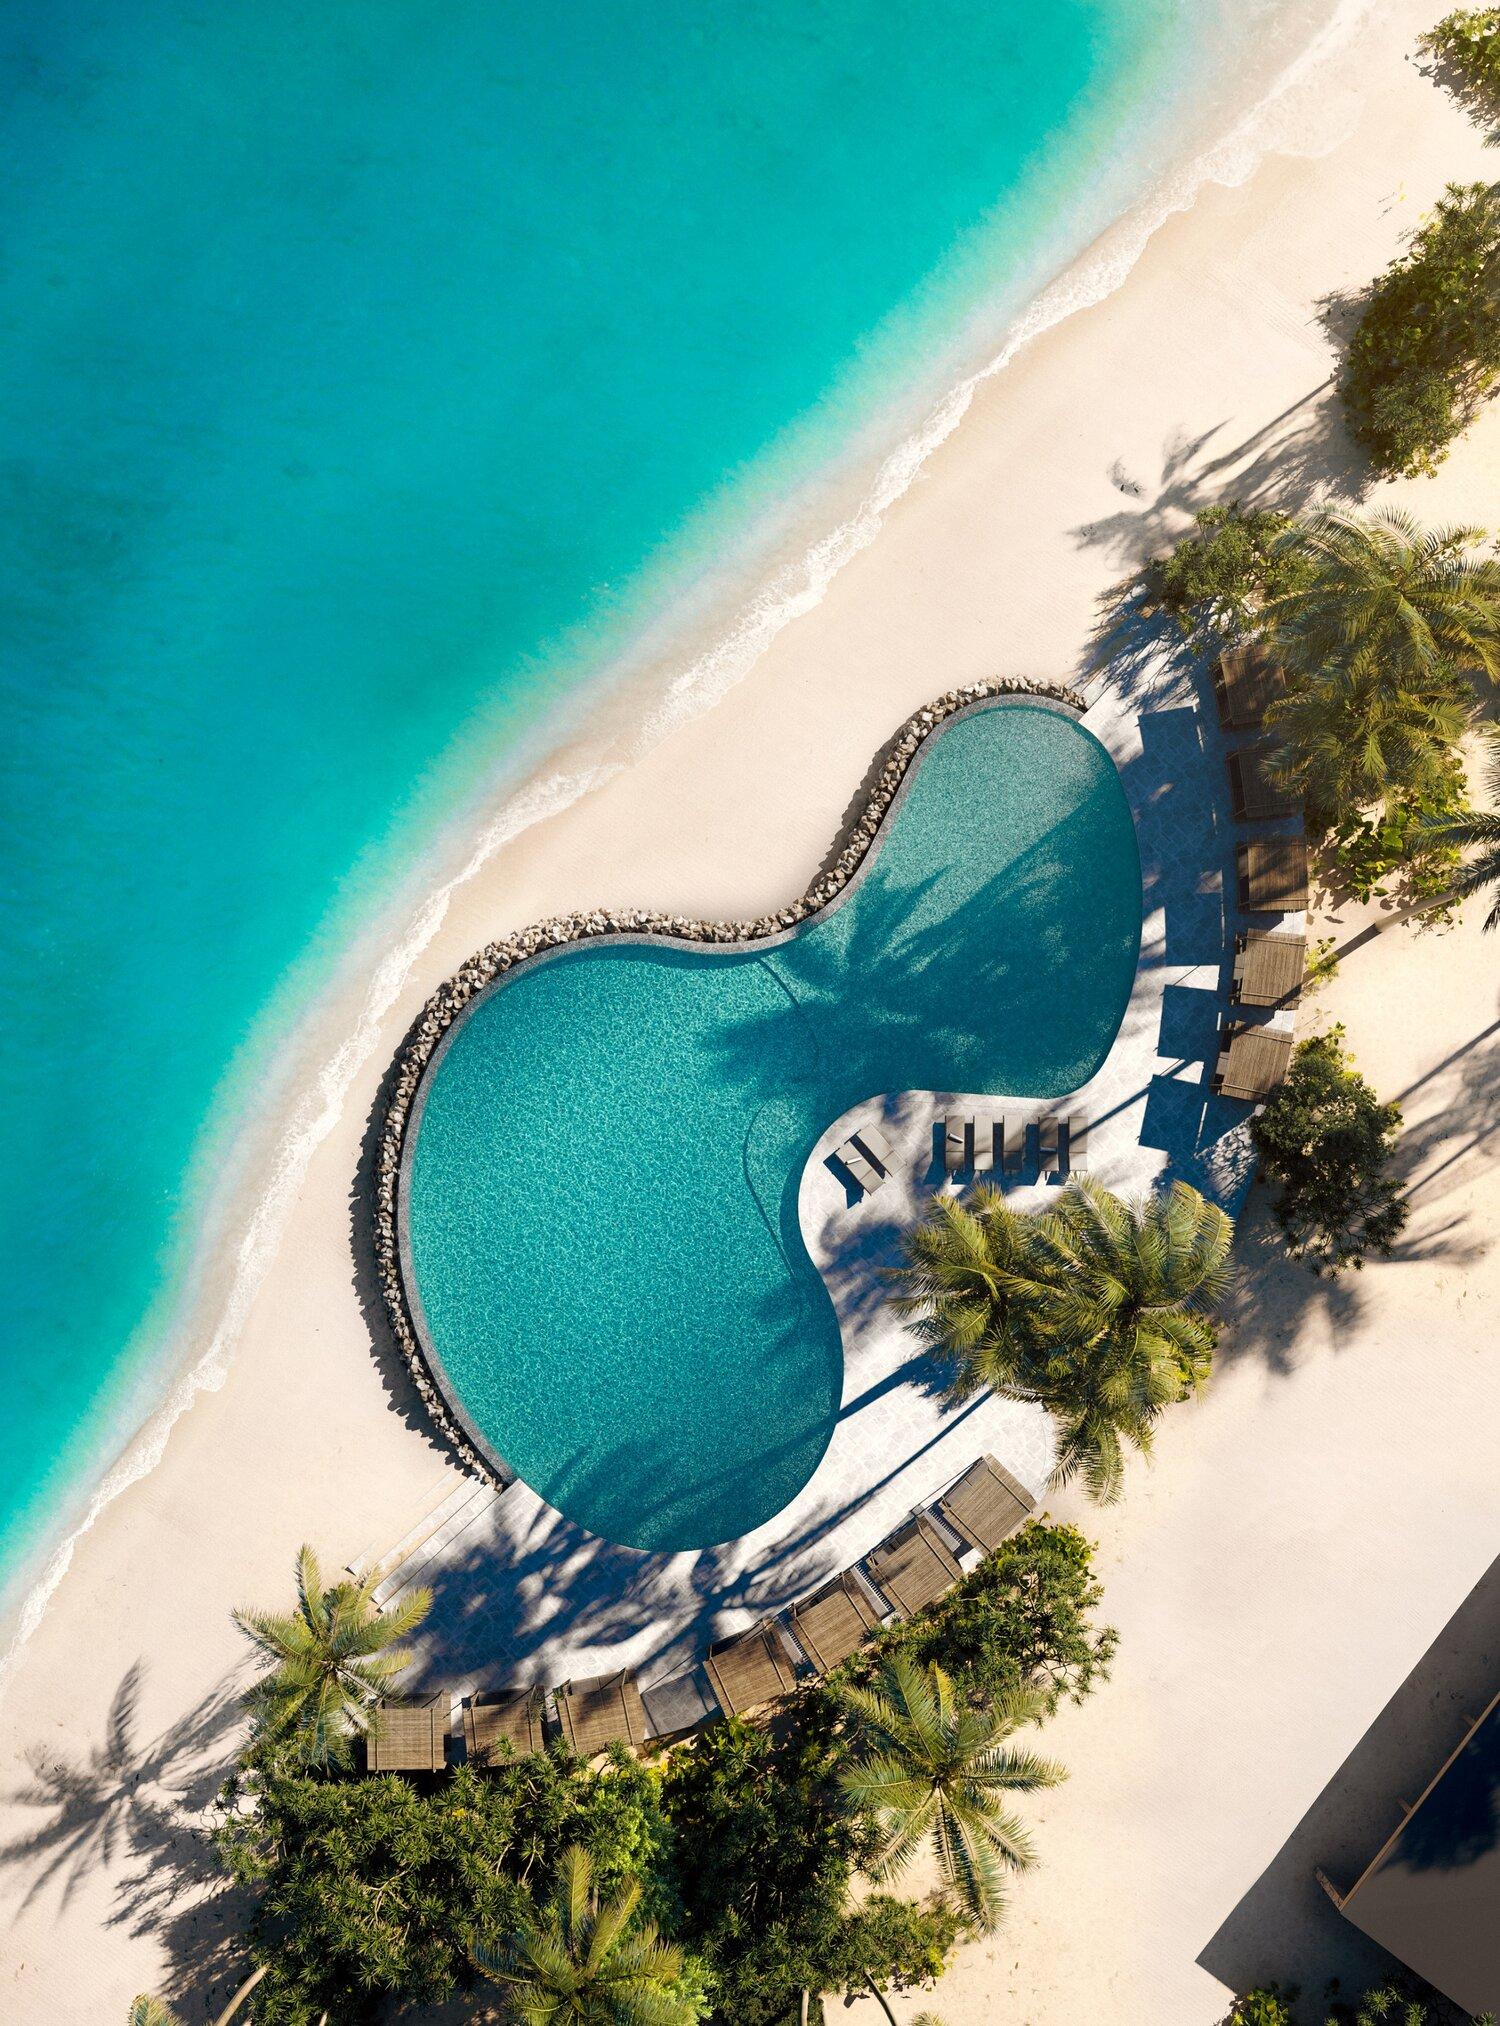 Image courtesy of Patina Maldives & Georg Roske